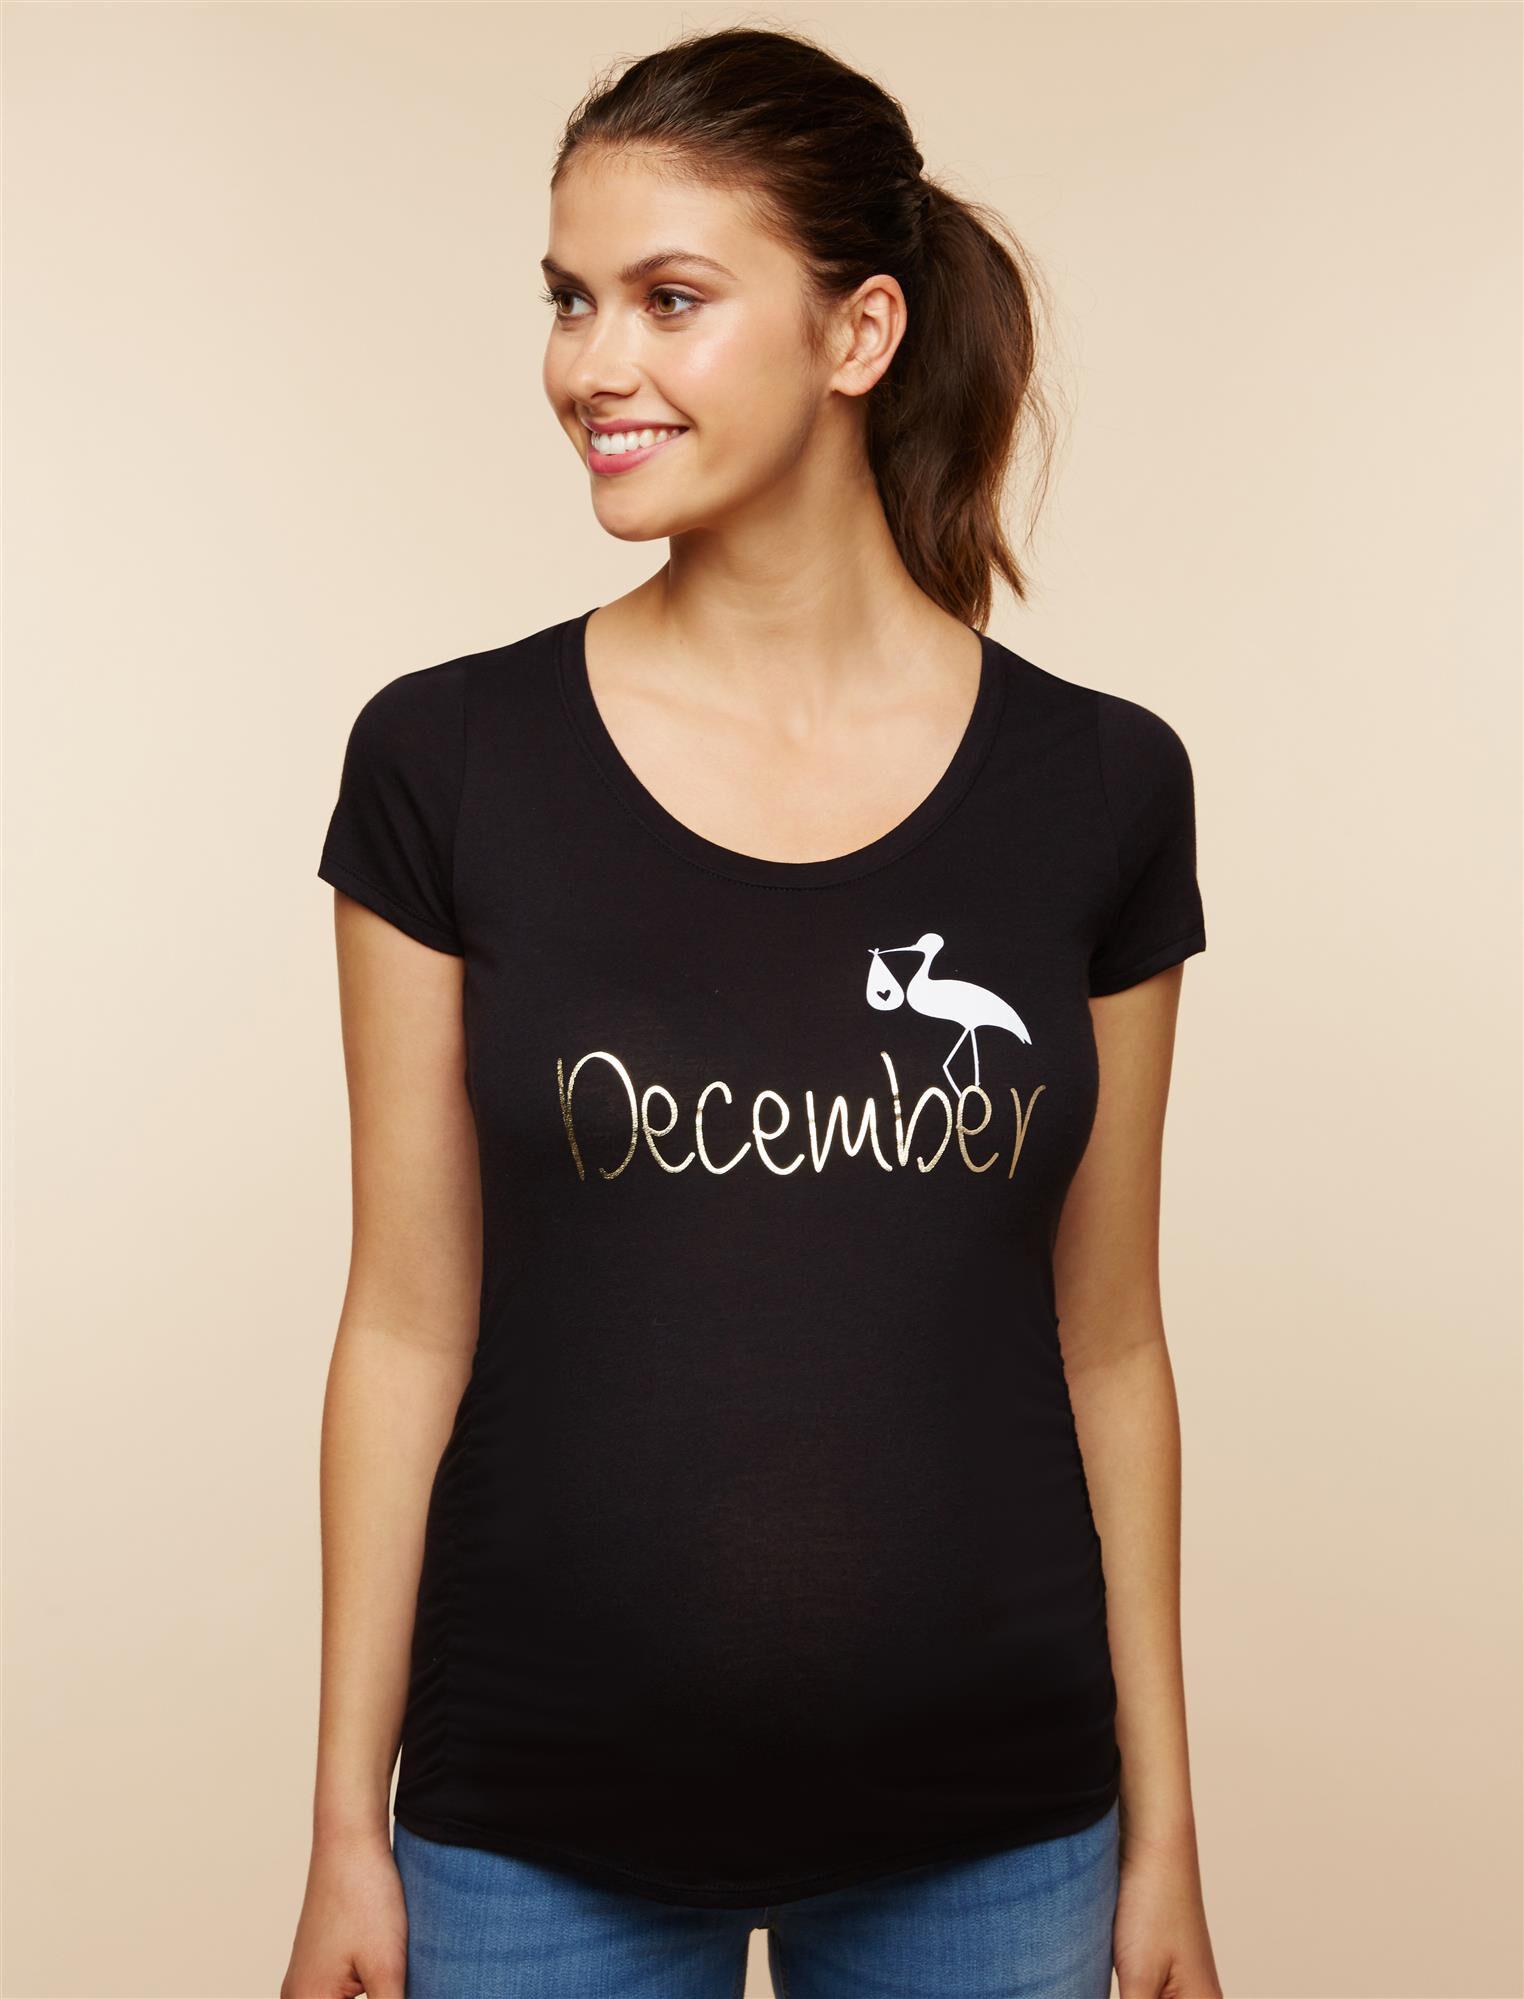 Stork December Maternity Tee